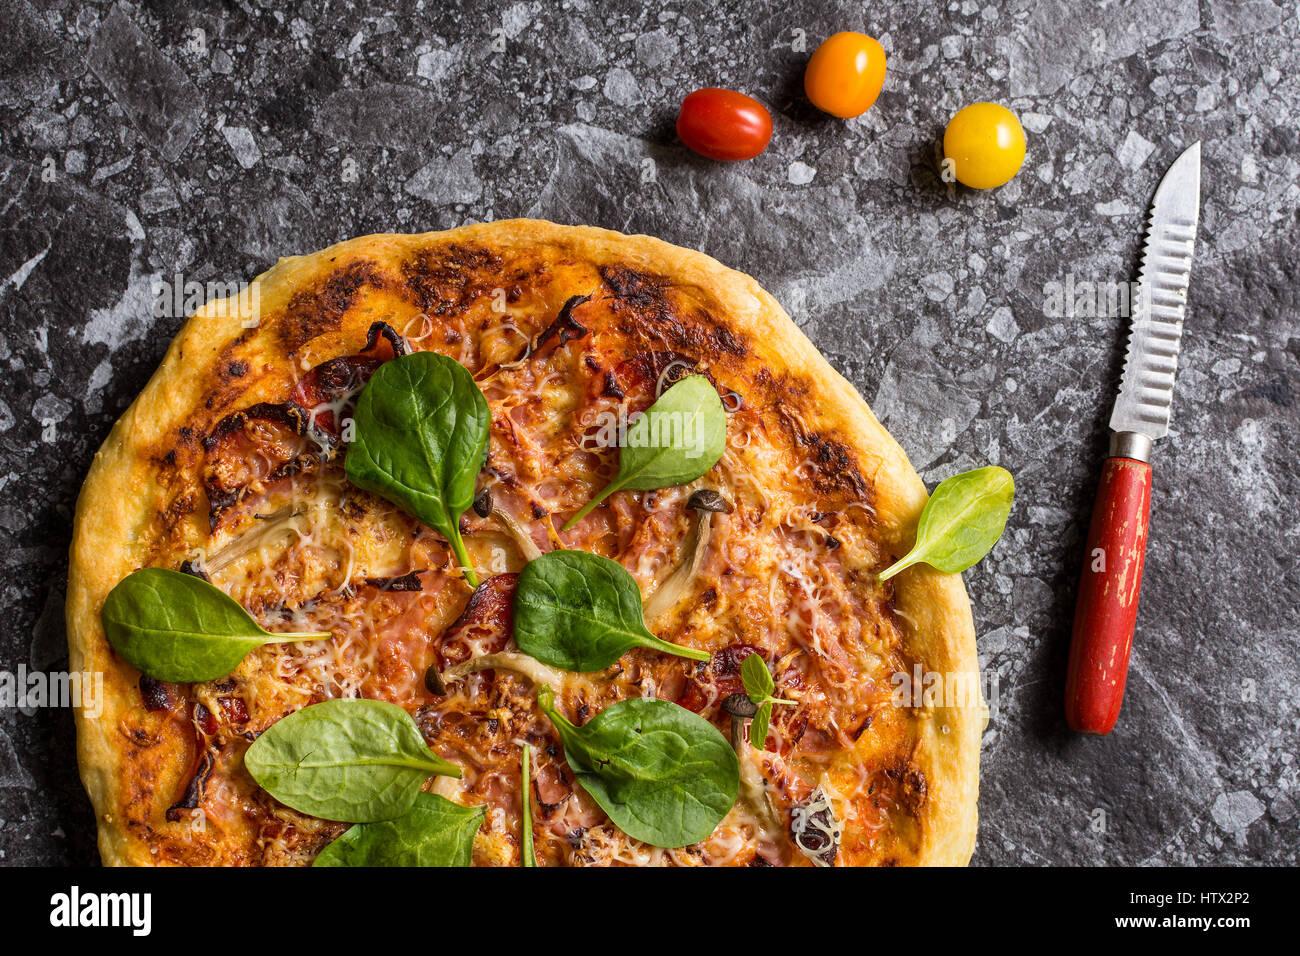 Des pizzas au fromage, jambon, salami, bébés épinards et champignons shimeji. Cuisine italienne de Photo Stock